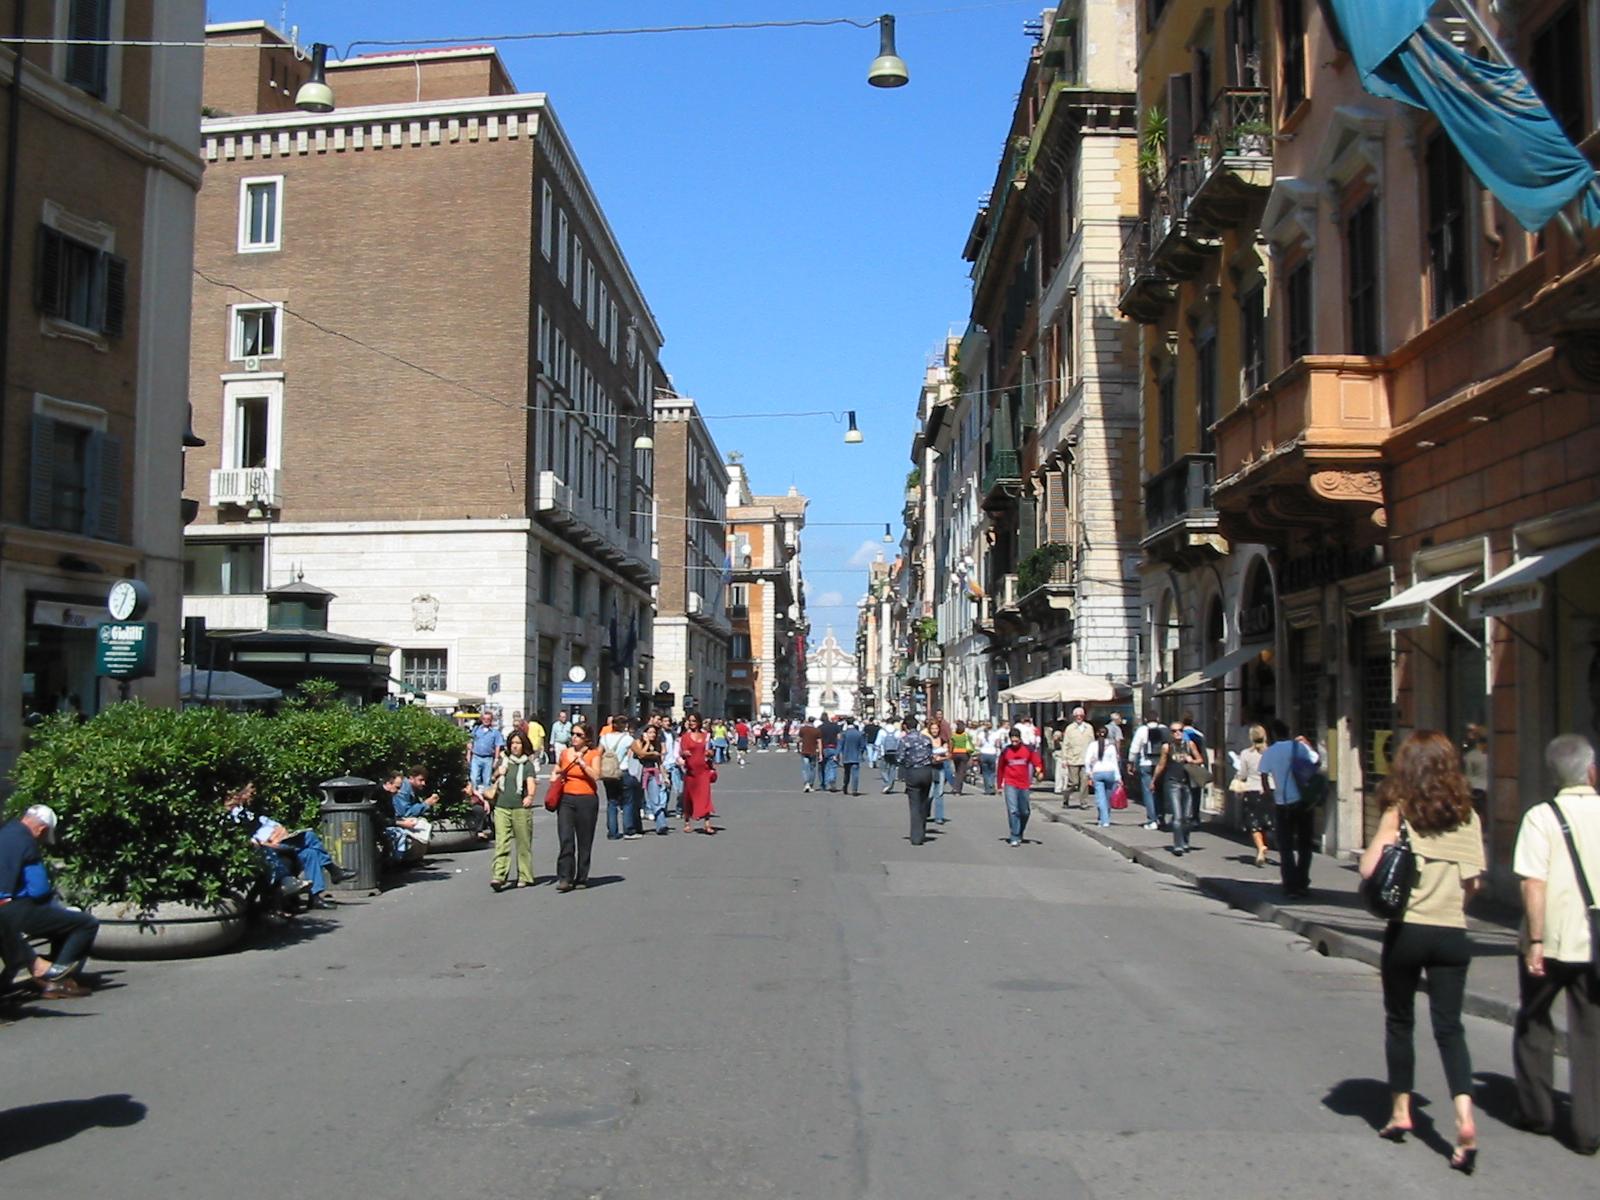 Rome_via_del_corso_20050922